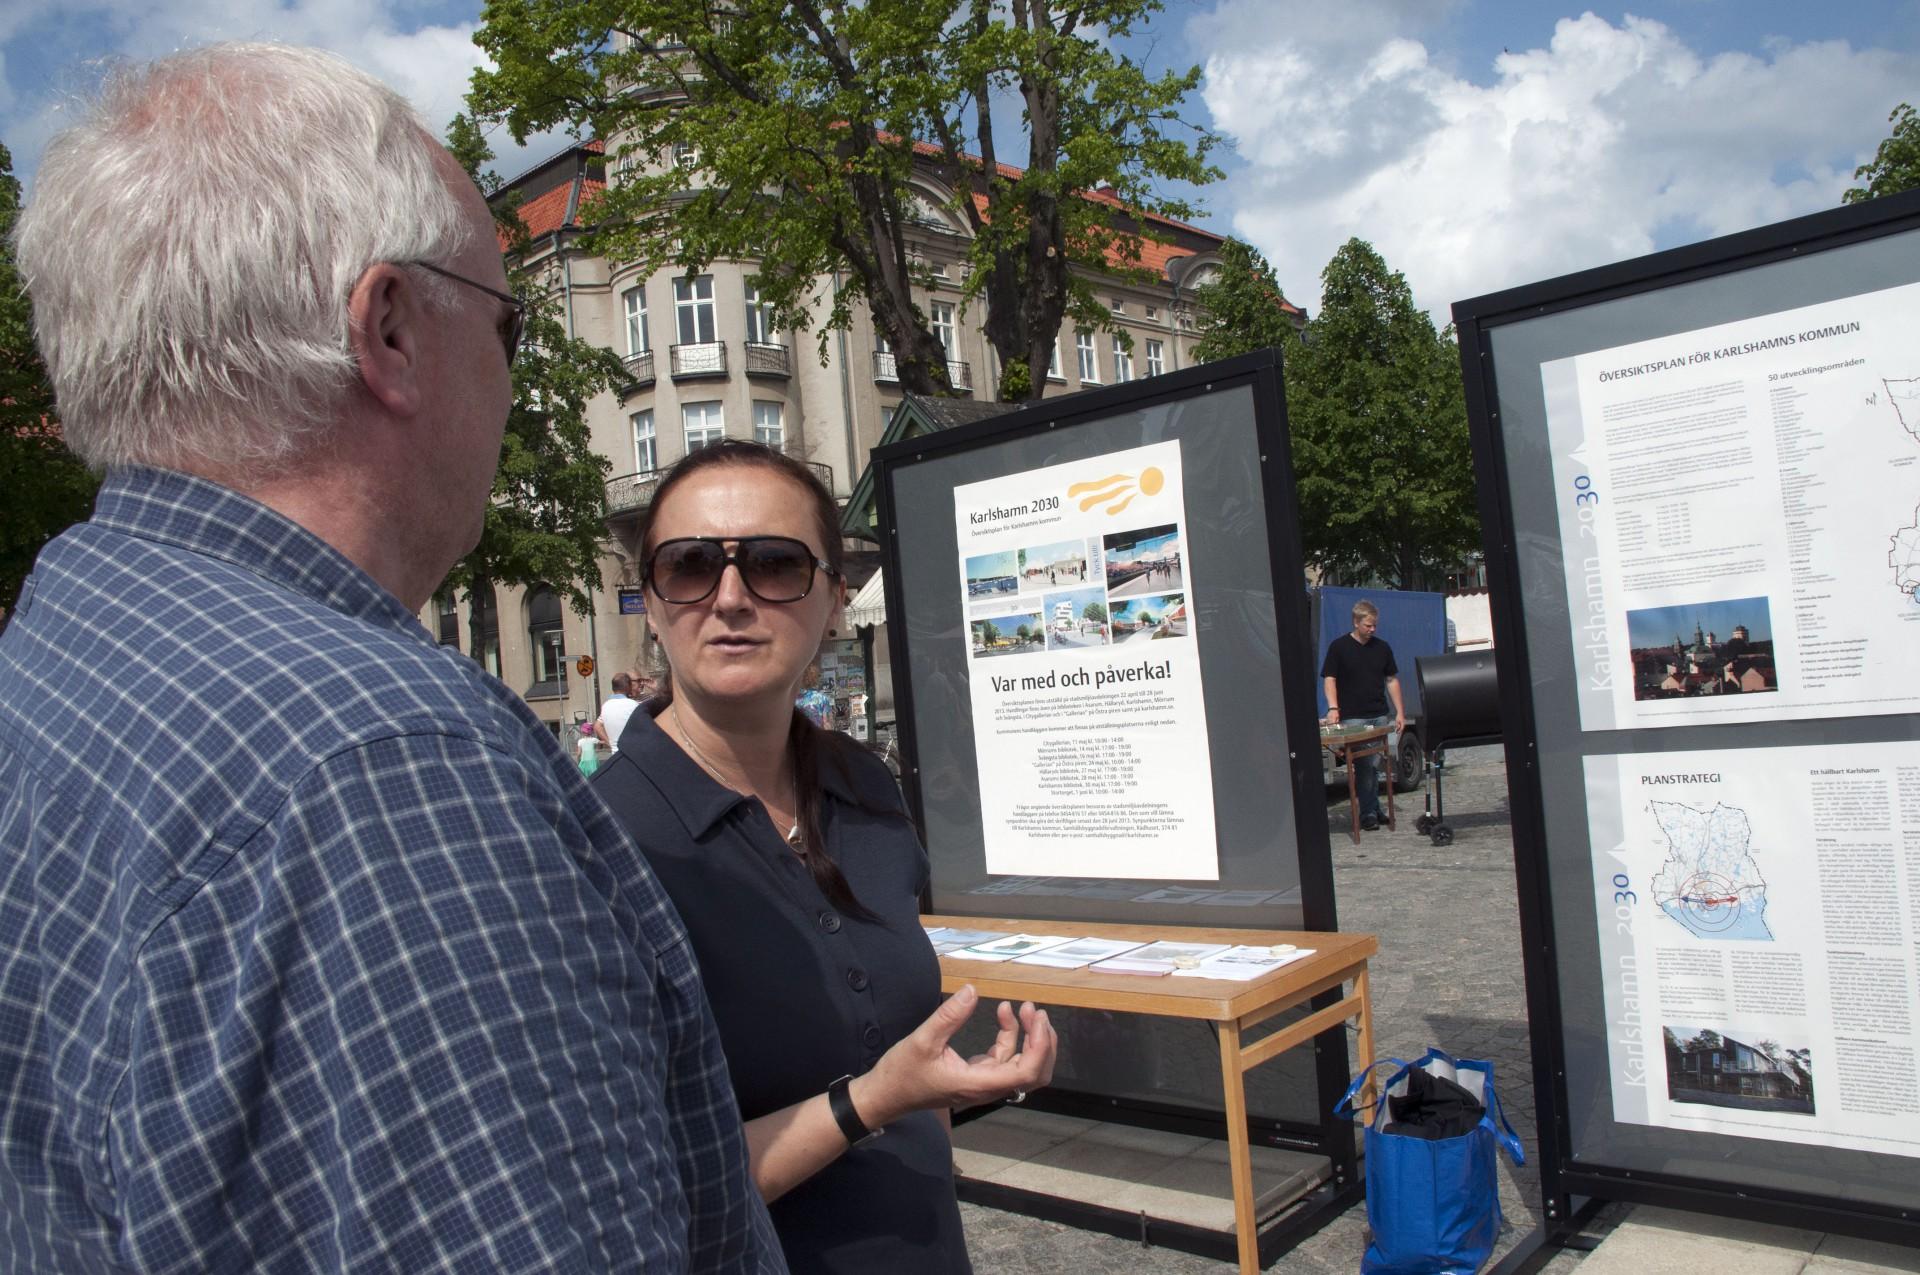 Dialog med kommuninvånarna kan se ut på många olika sätt. Här diskuterar bloggförfattaren långsiktiga förändringar med en medborgare en solig lördag på Stortorget i Karlshamn. Foto Annette Sandberg